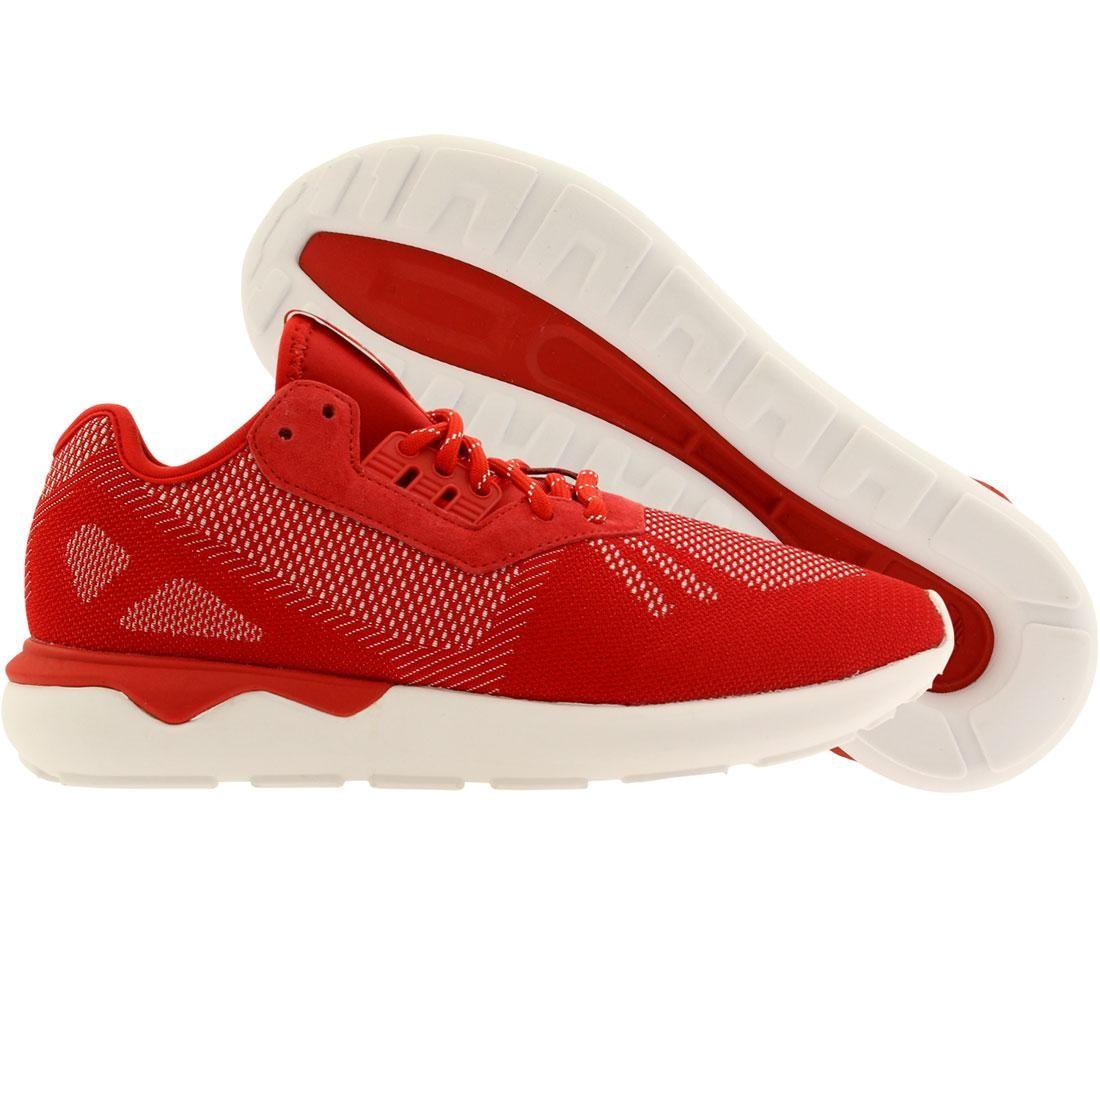 【海外限定】アディダス メンズ靴 スニーカー 【 ADIDAS MEN TUBULAR RUNNER WEAVE RED SCARLET FTWWHT 】